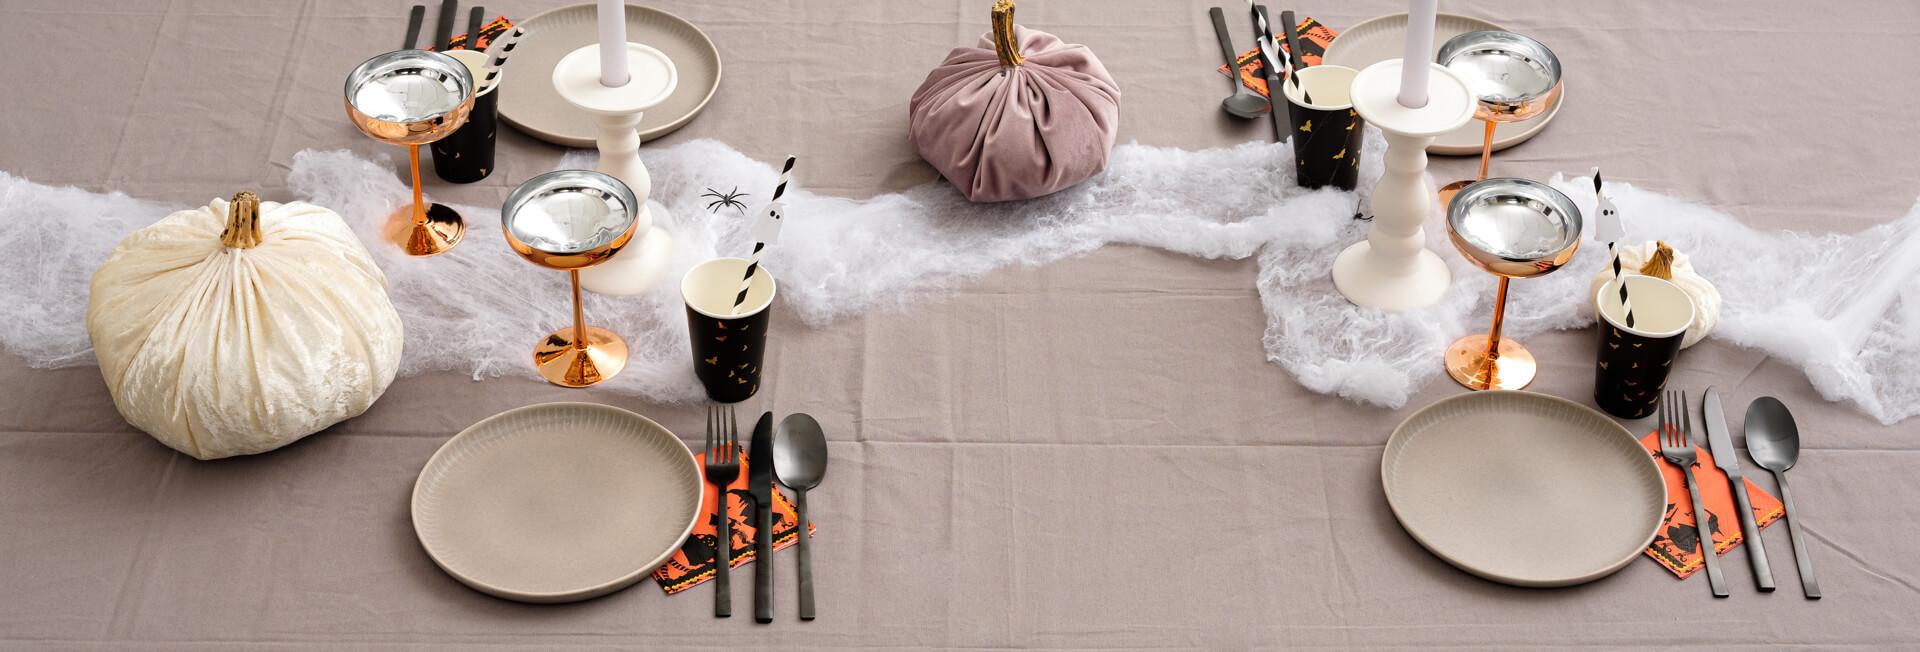 Halloween Deko-Ideen